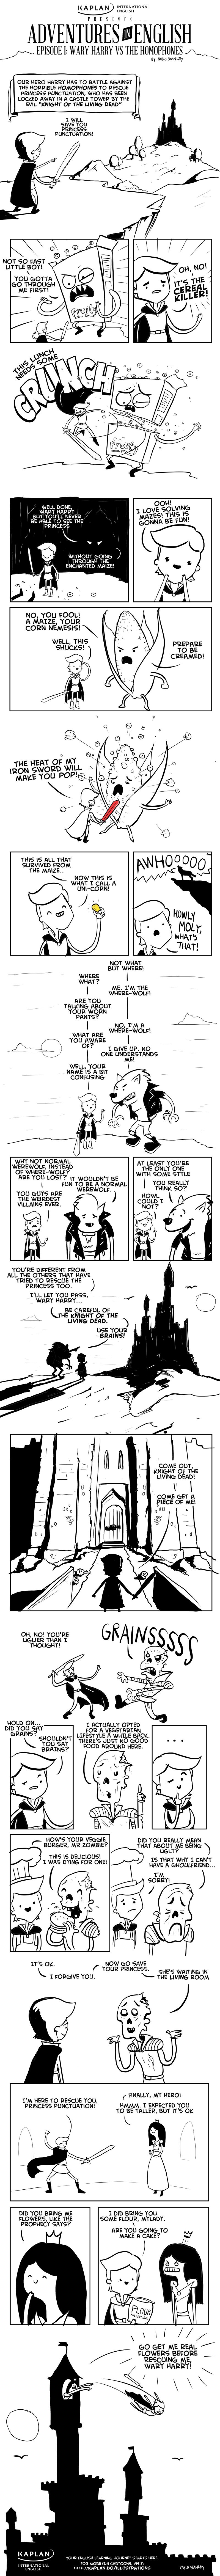 kaplan comic